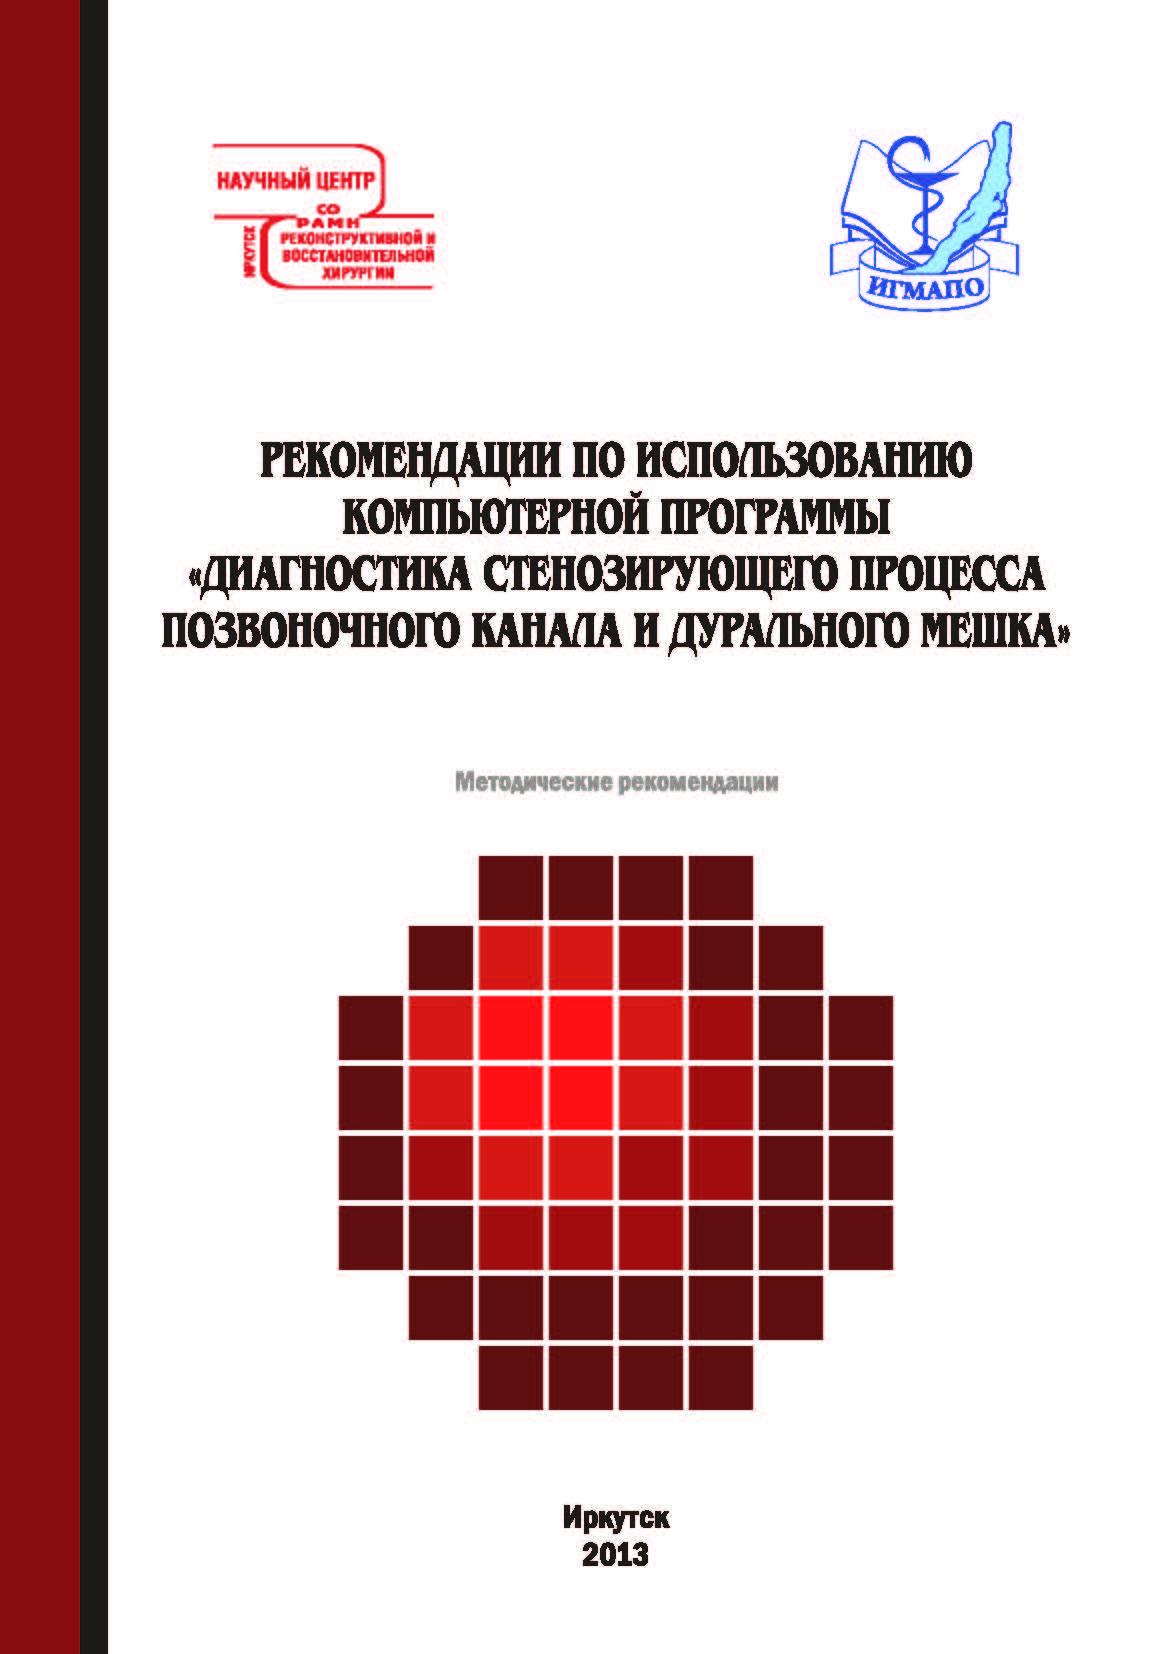 Сороковиков+CD_2013